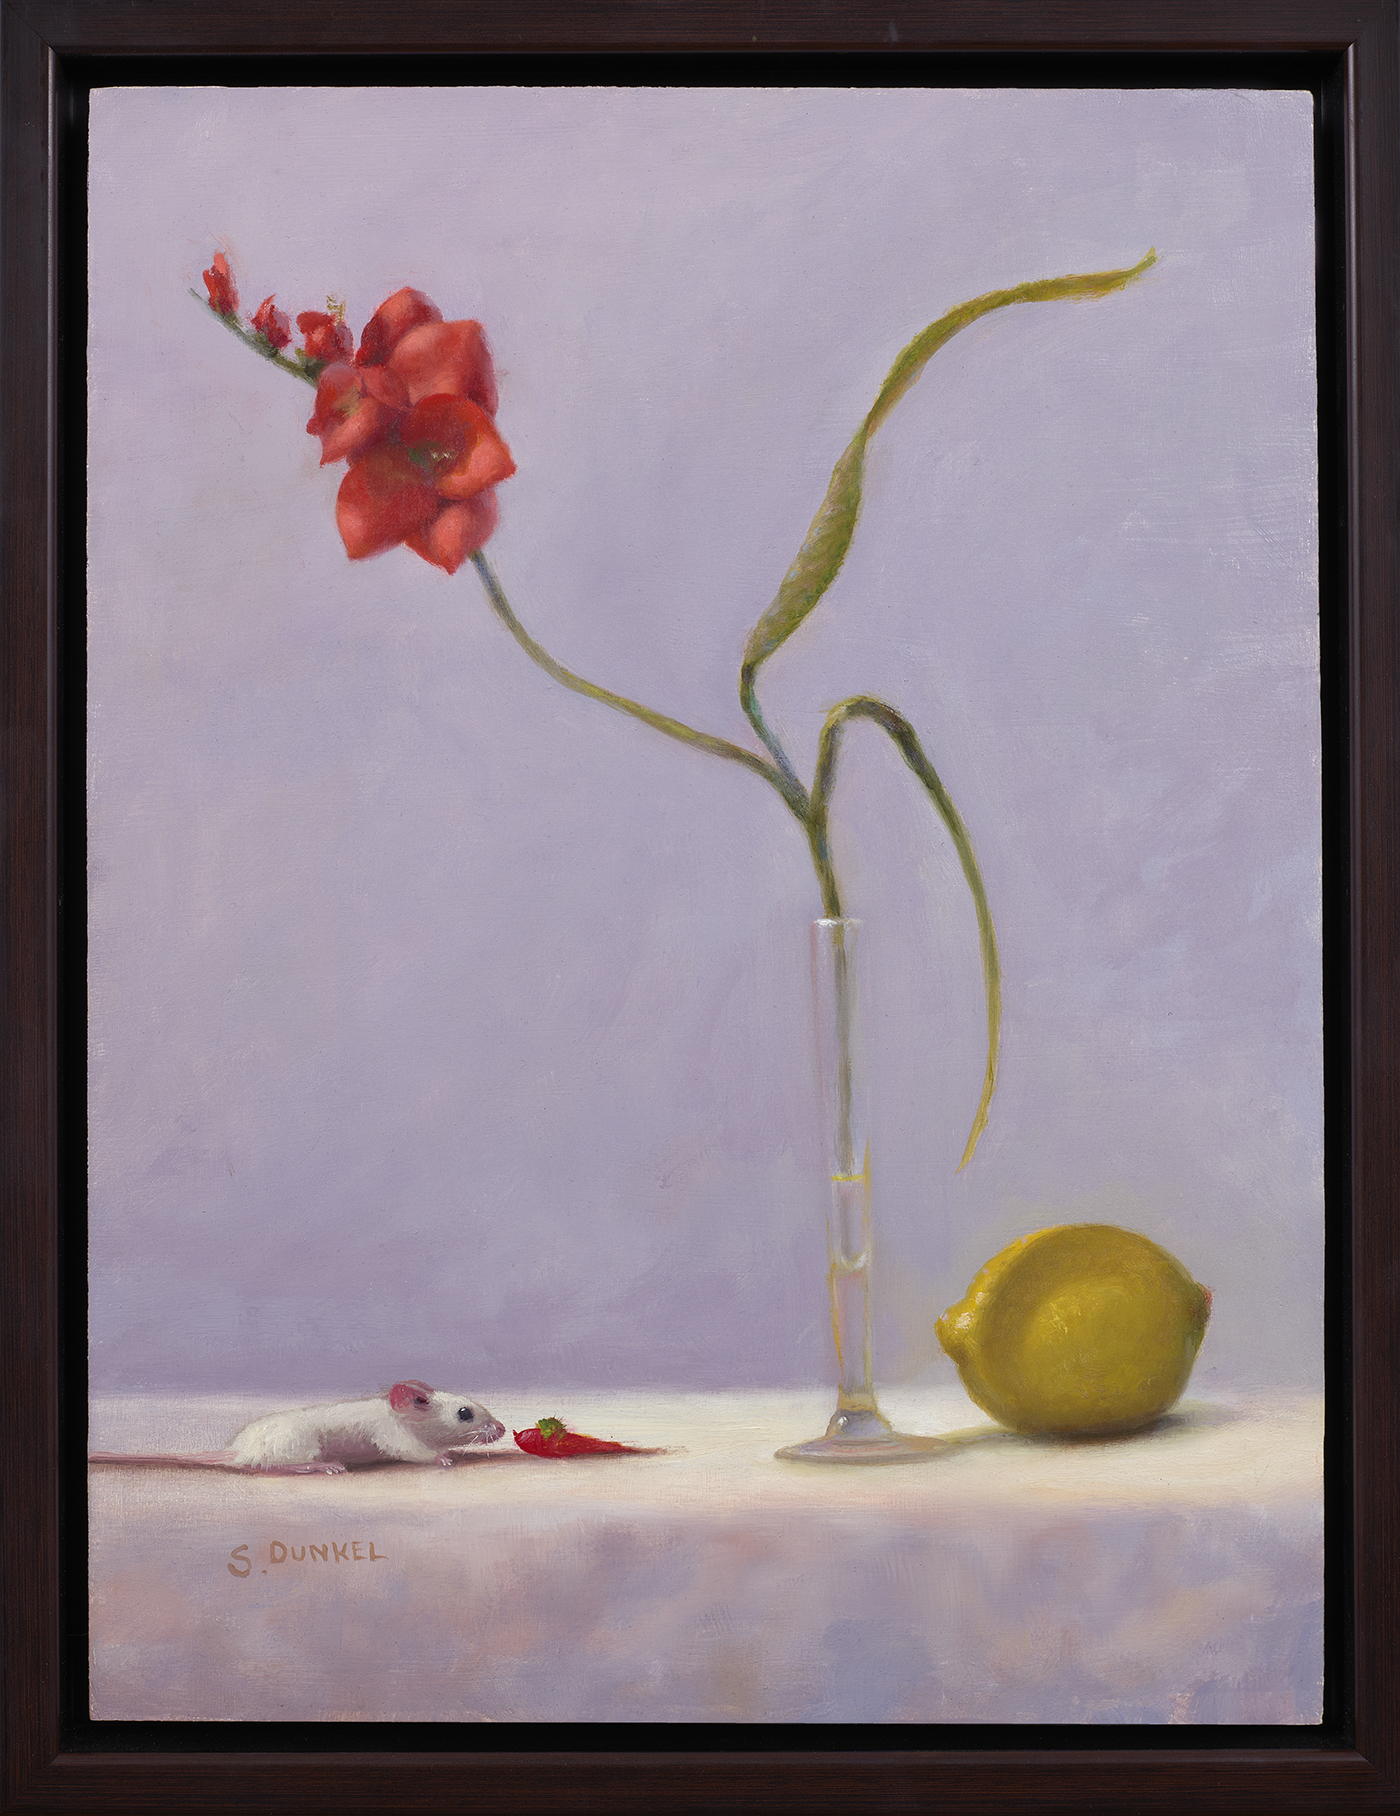 stuart_dunkel_sd1612_lemon_and_orchid_framed.jpg